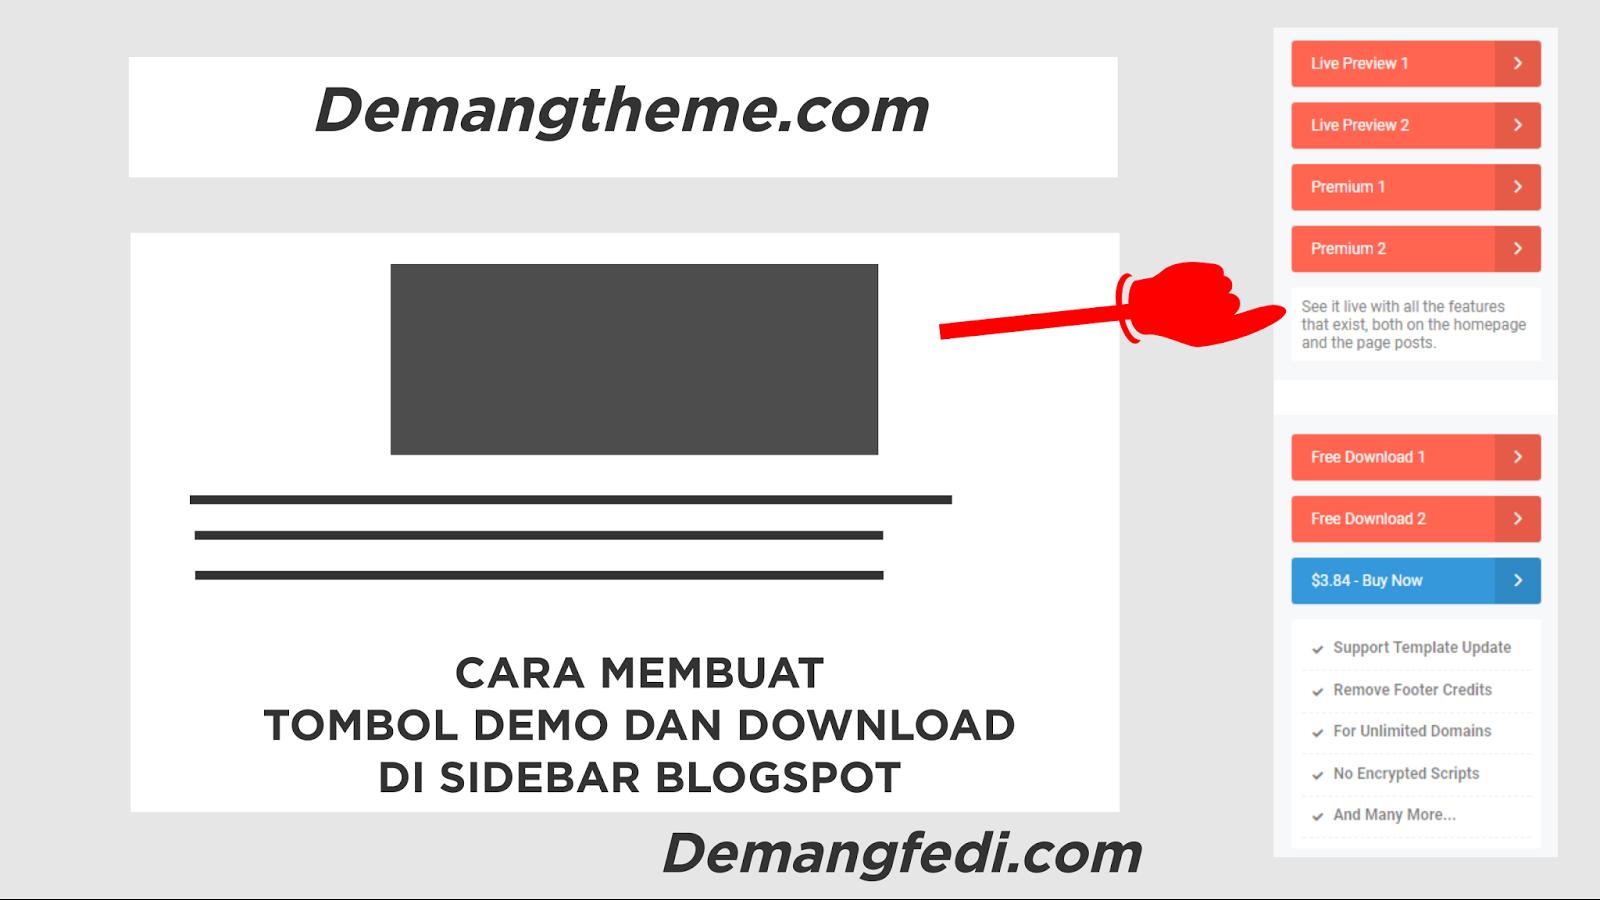 Cara Membuat Tombol / Button Demo dan Download Di Sidebar Blogspot